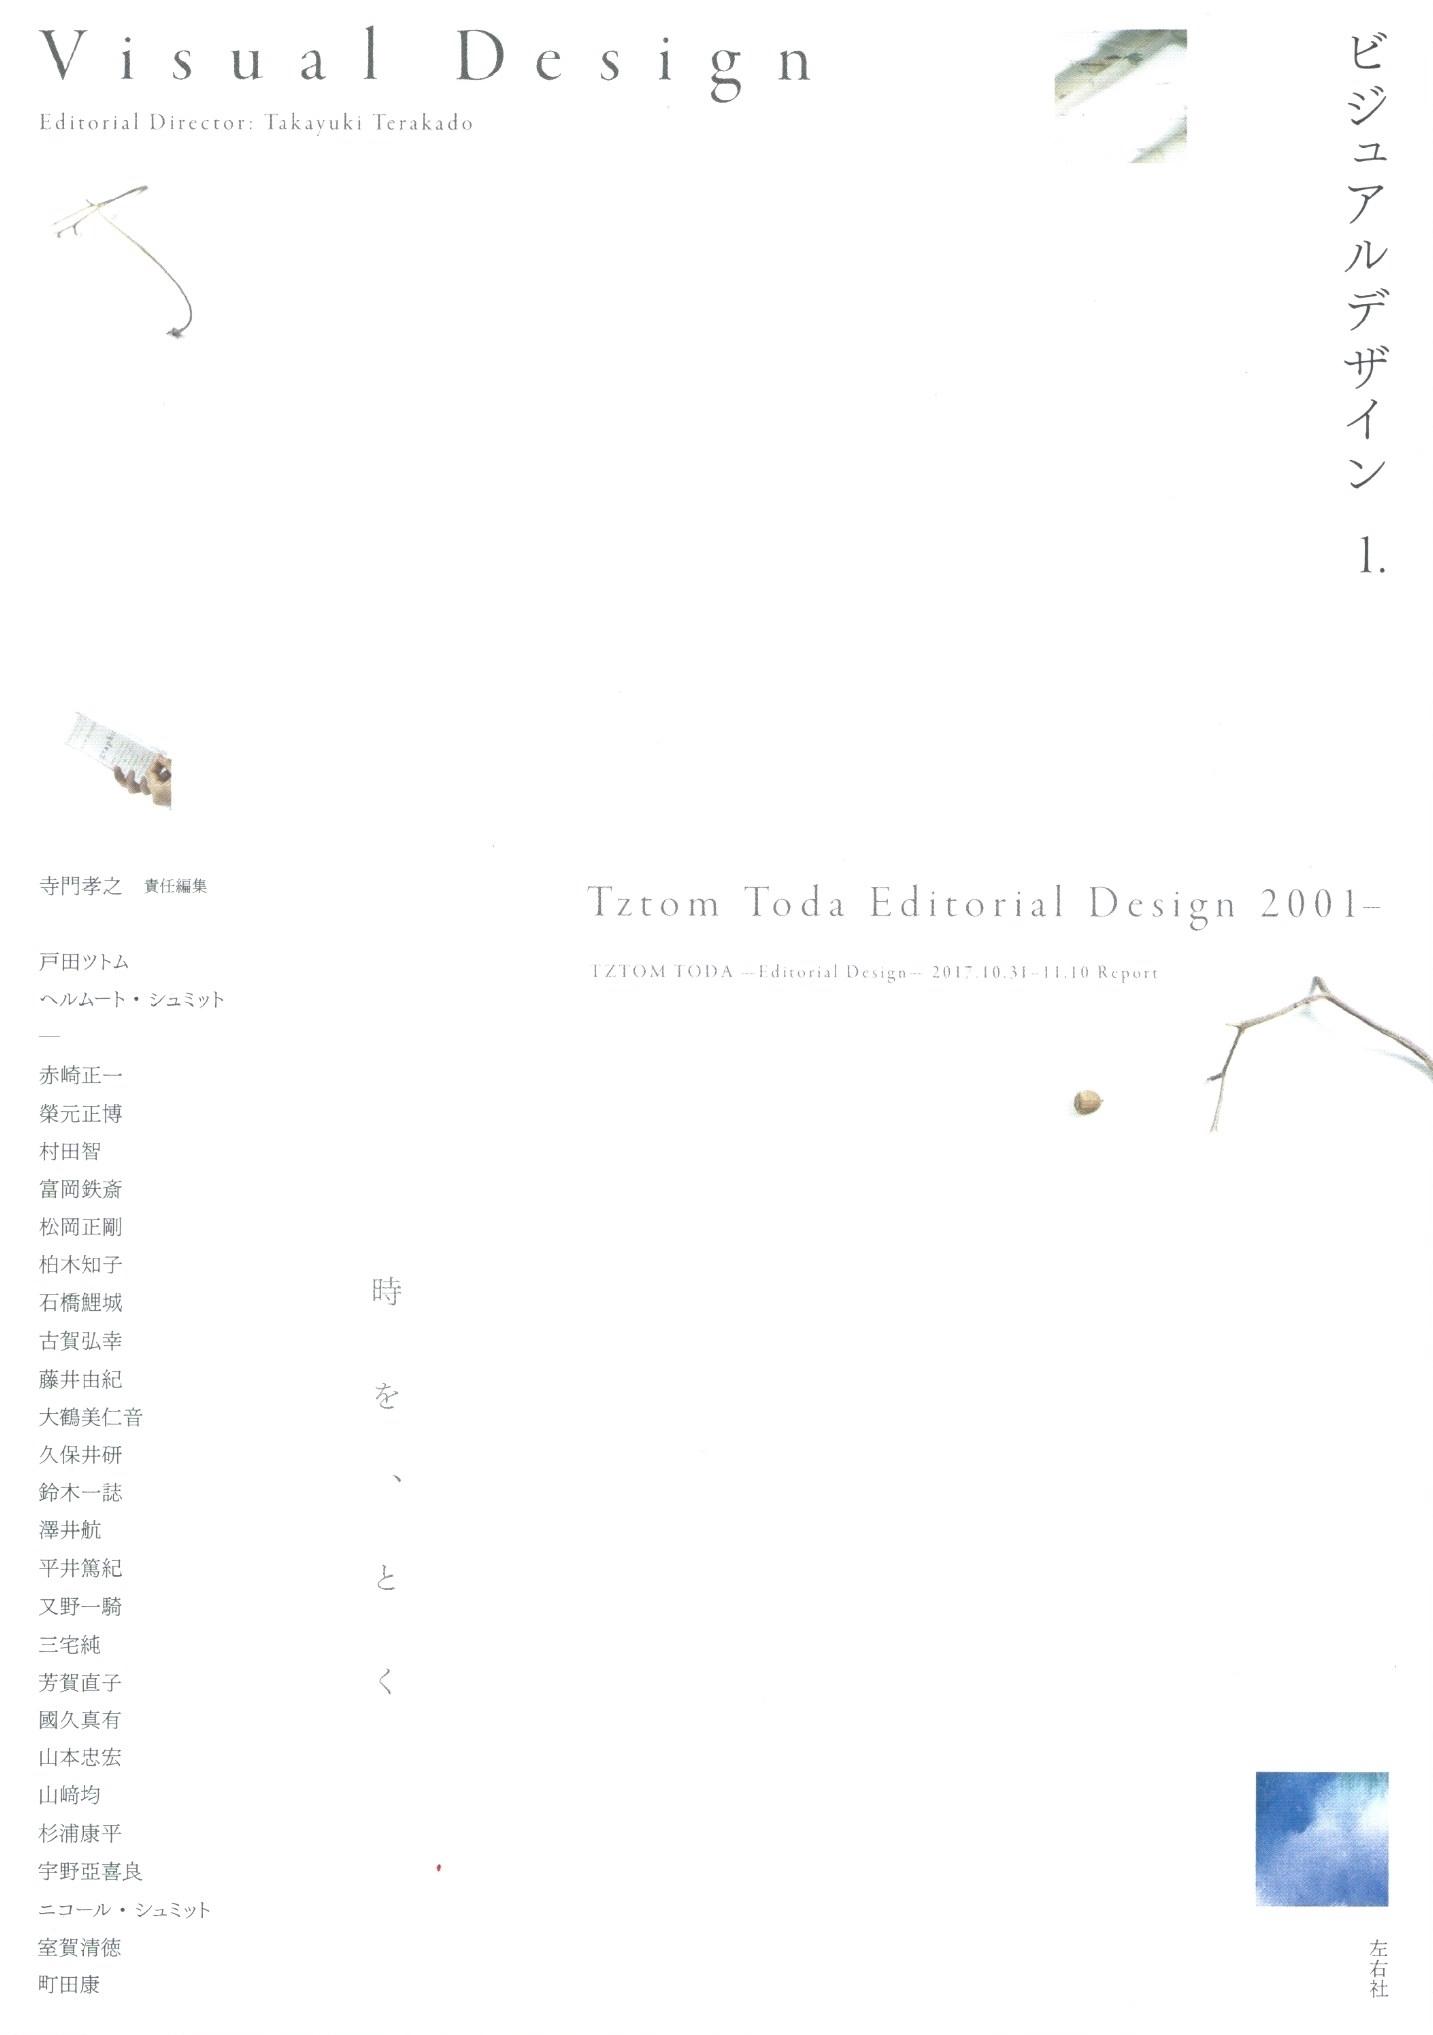 ビジュアルデザイン1.